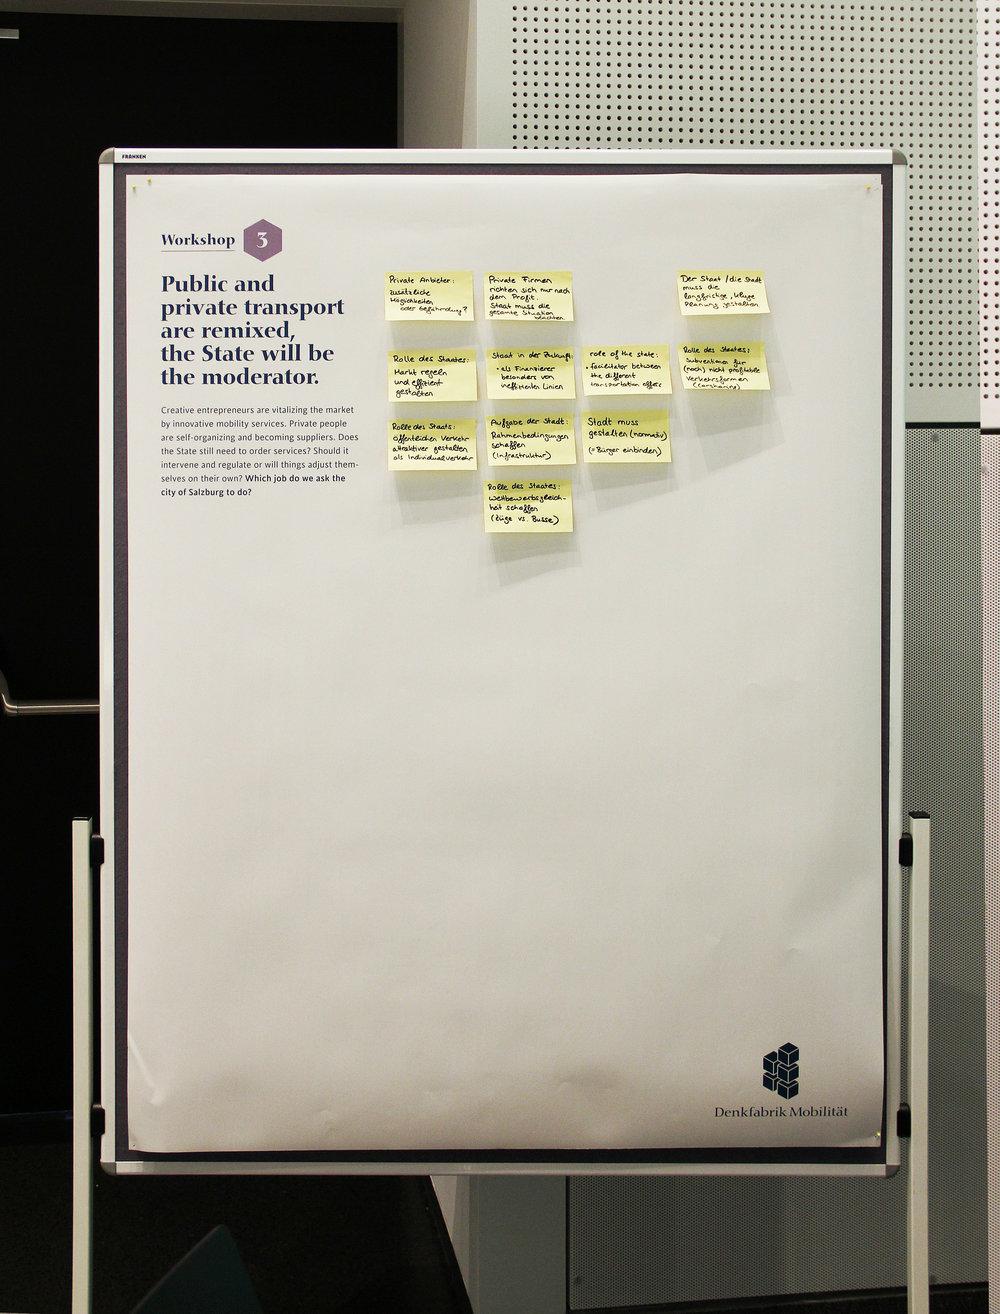 Saubere Arbeit: der Workshop 3 bereit zur Präsentation.